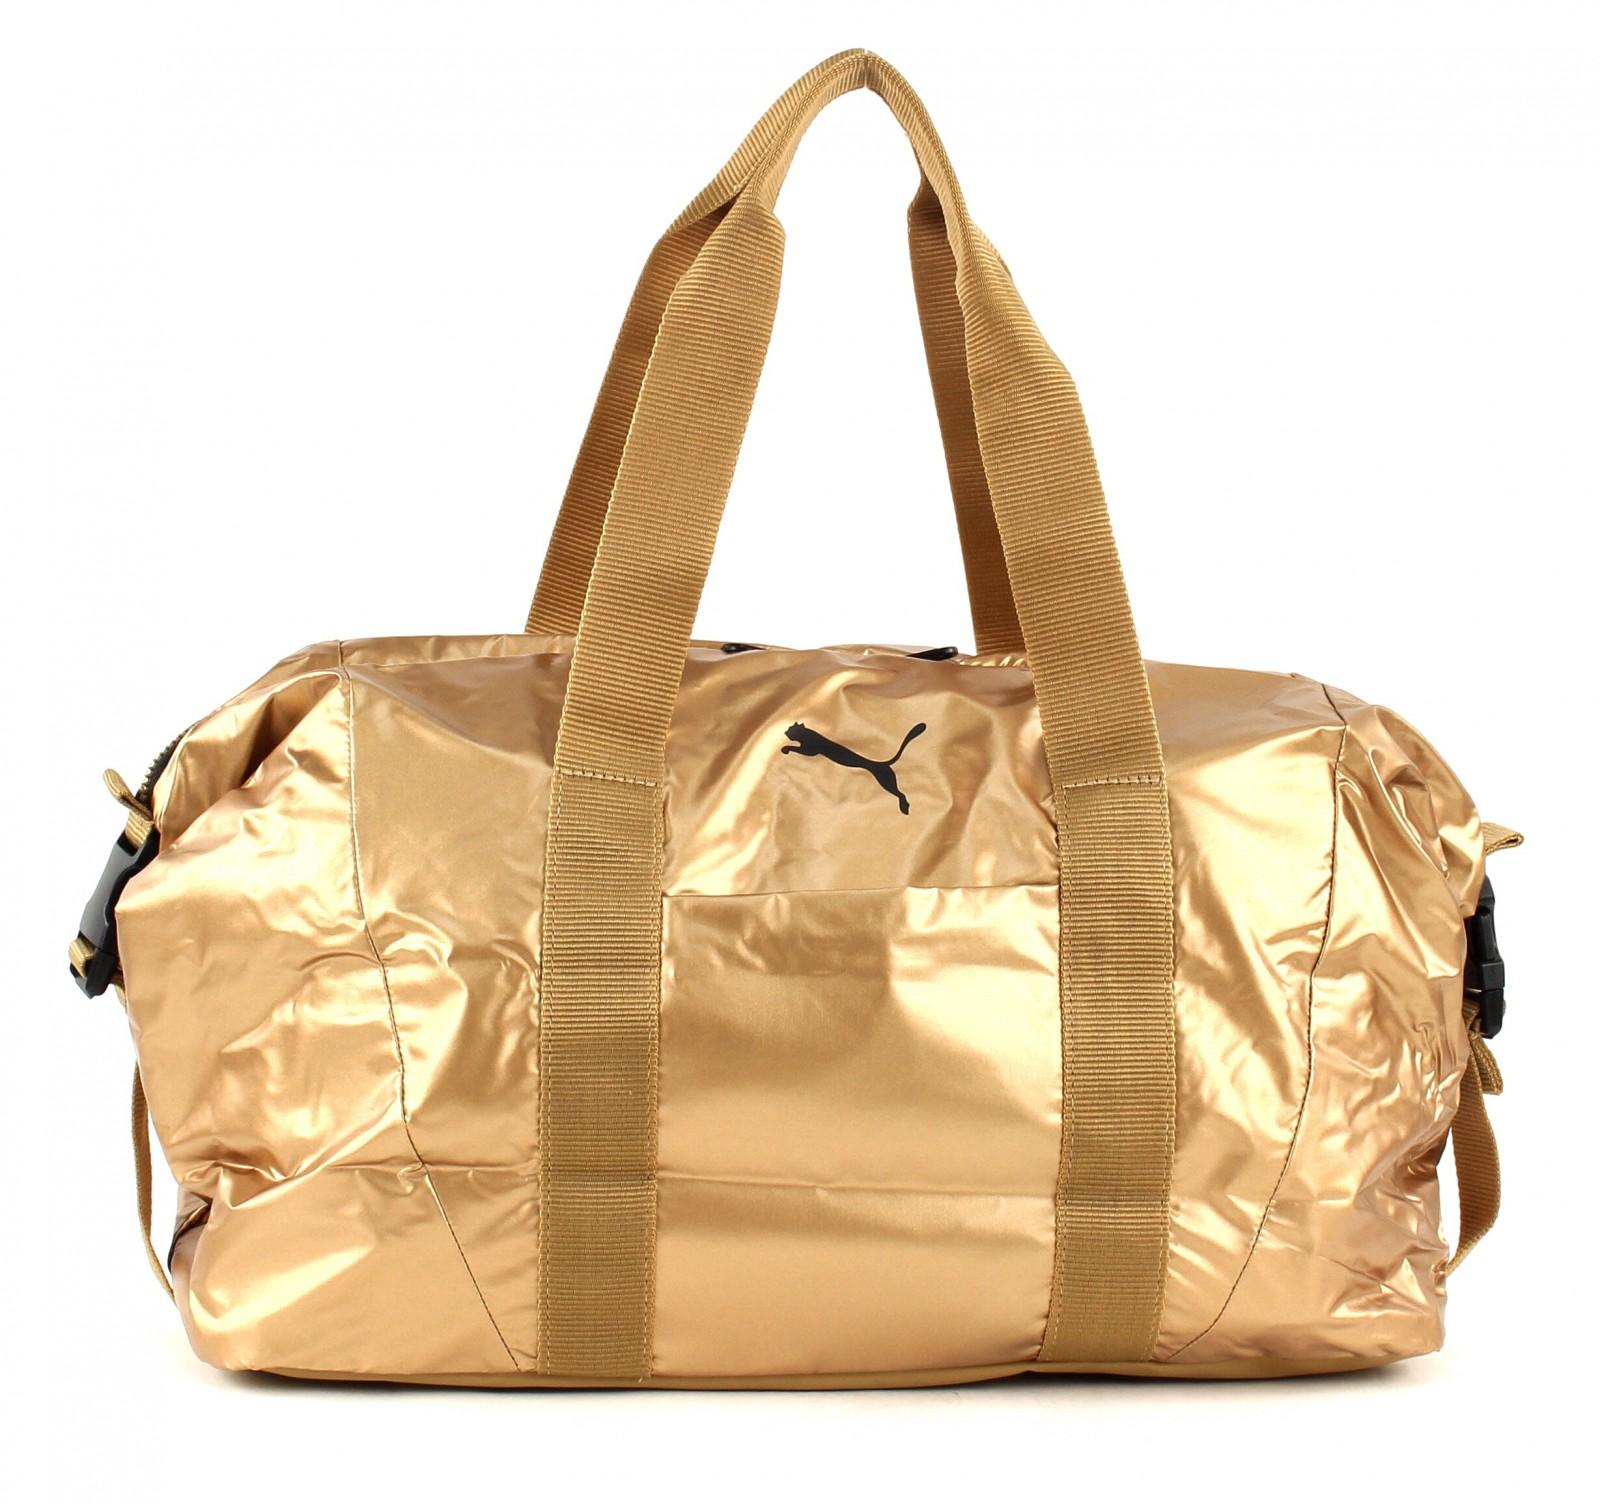 Details zu PUMA Fit AT Workout Bag Gold Tasche Handtasche Sporttasche  Gold-Puma Black